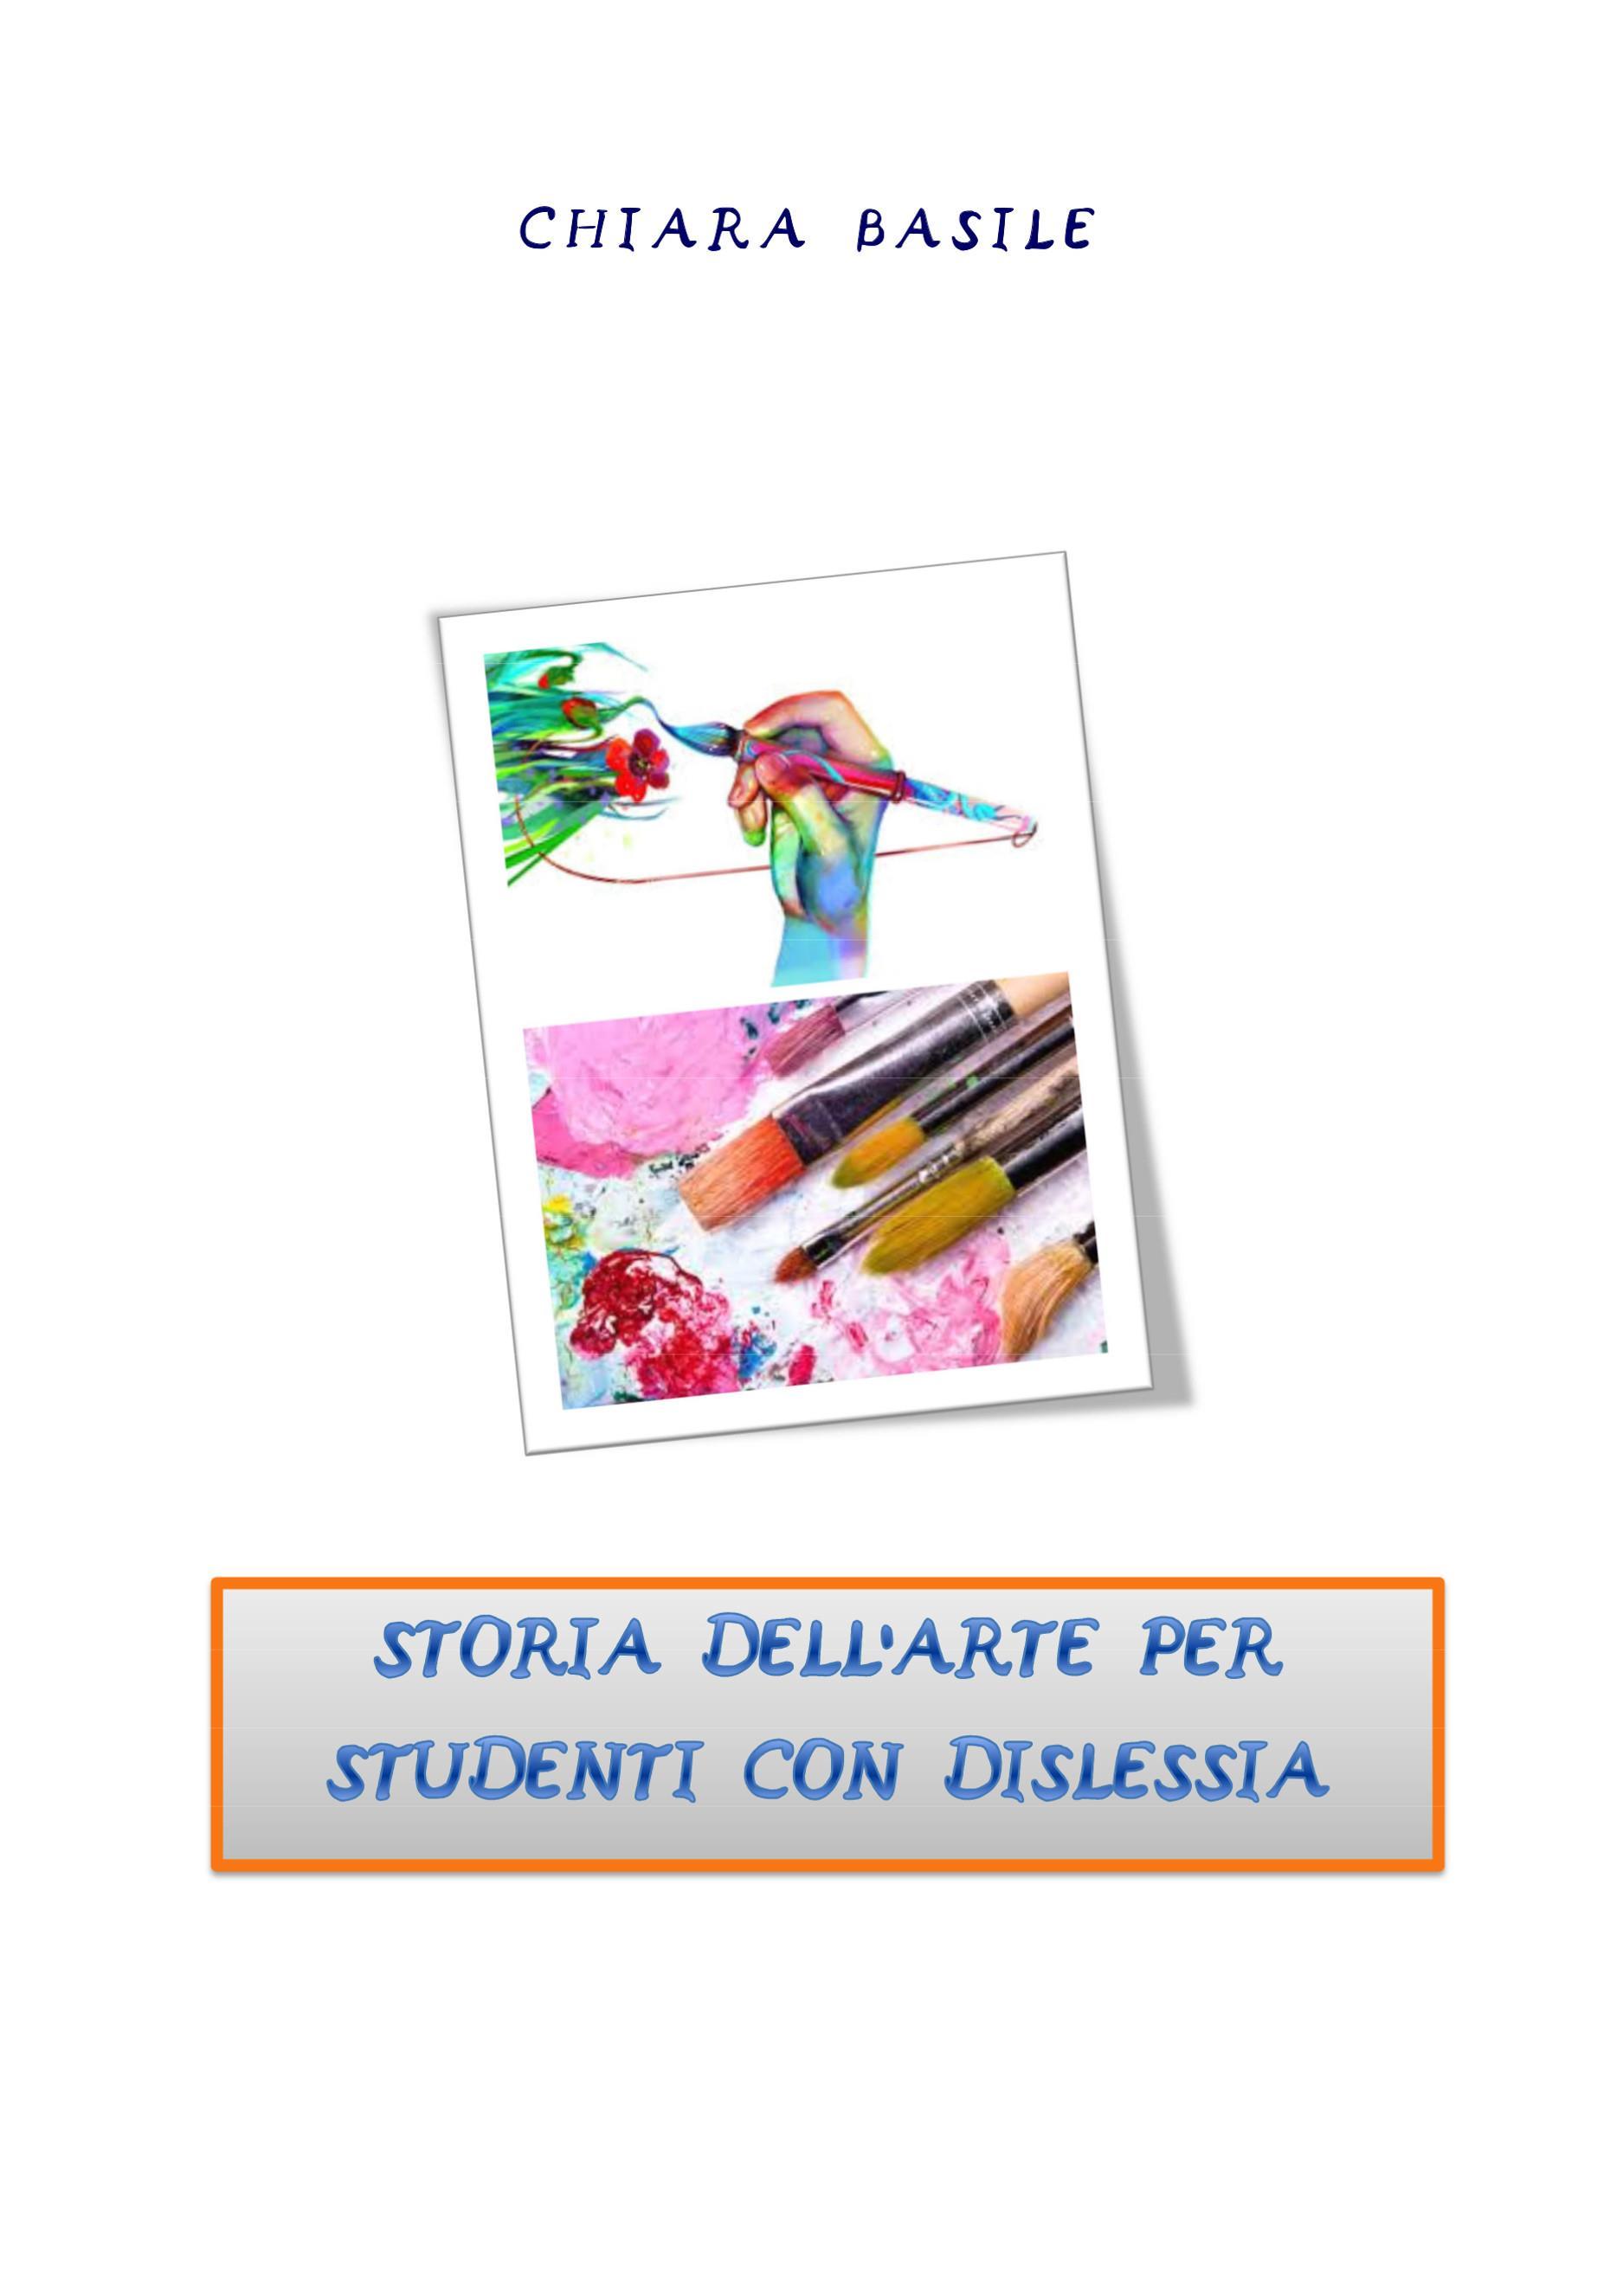 Storia dell'arte facilitata per studenti con dsa